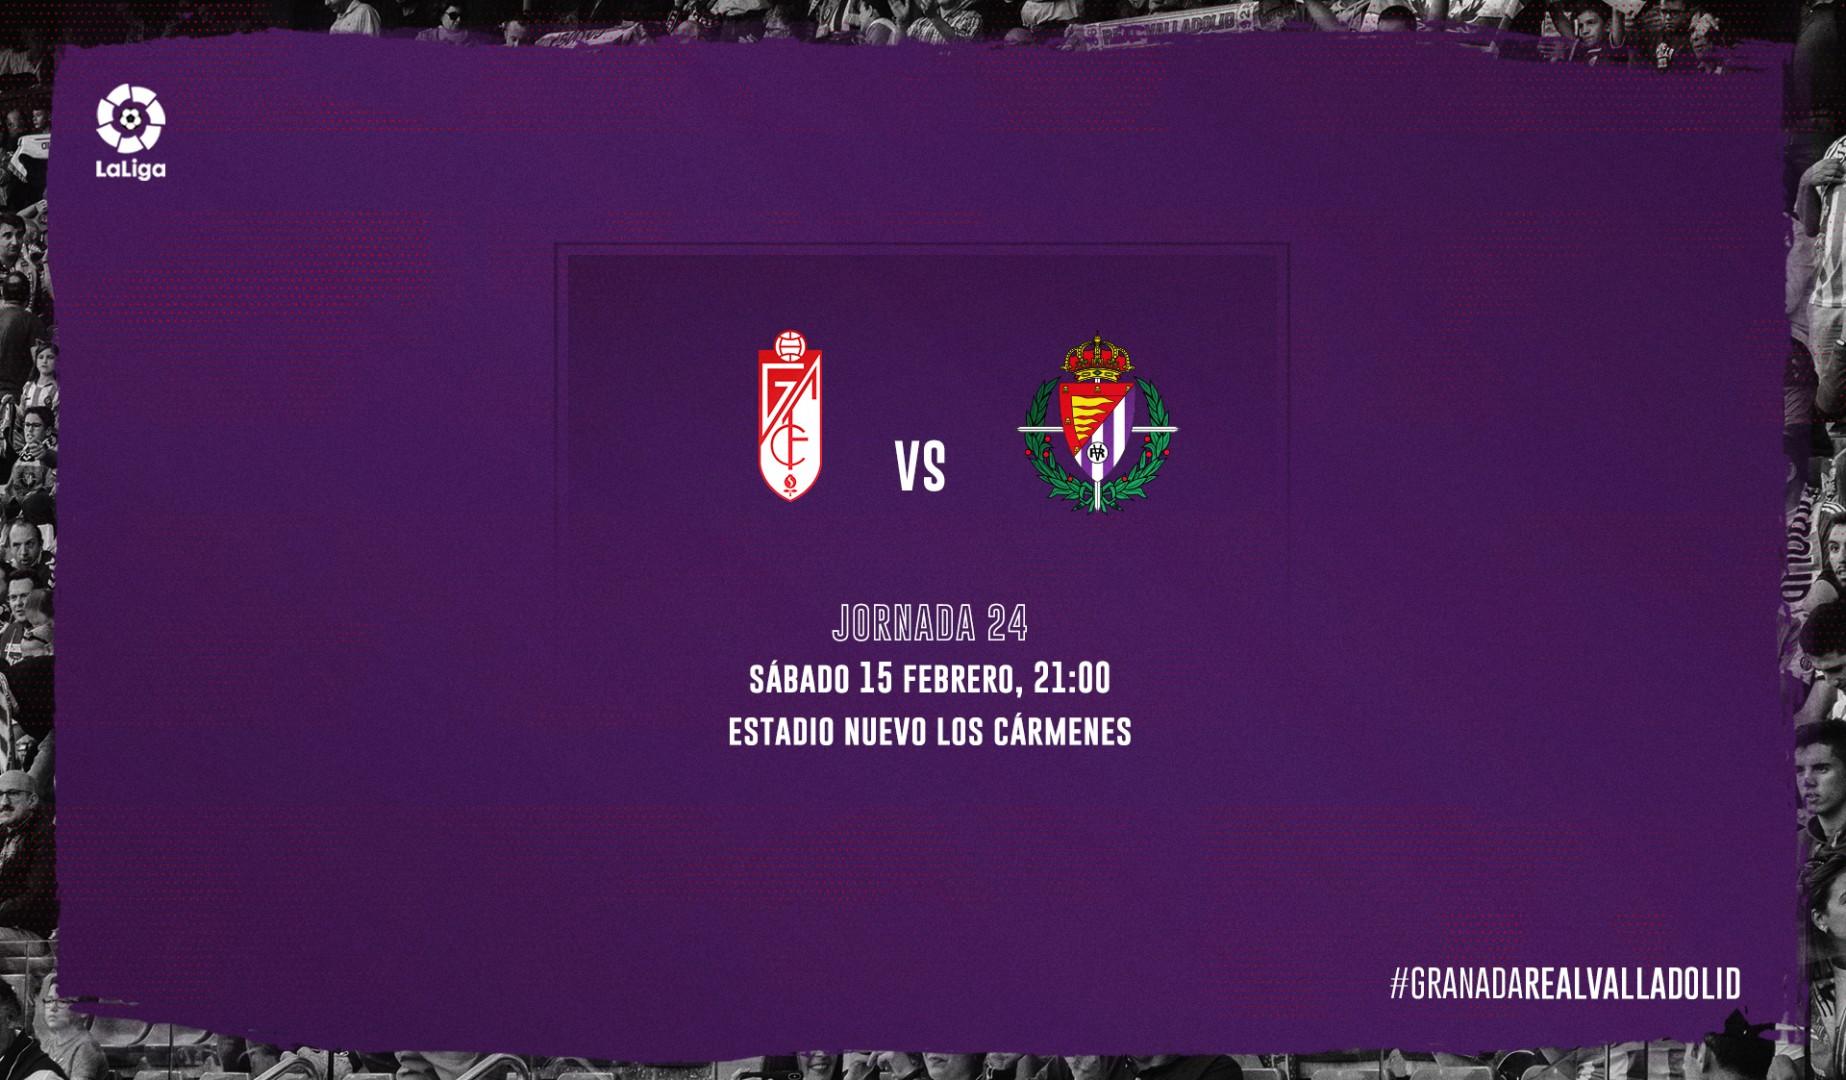 Granada C.F. - Real Valladolid C.F. Sábado 15 de Febrero. 21:00 Previagranada